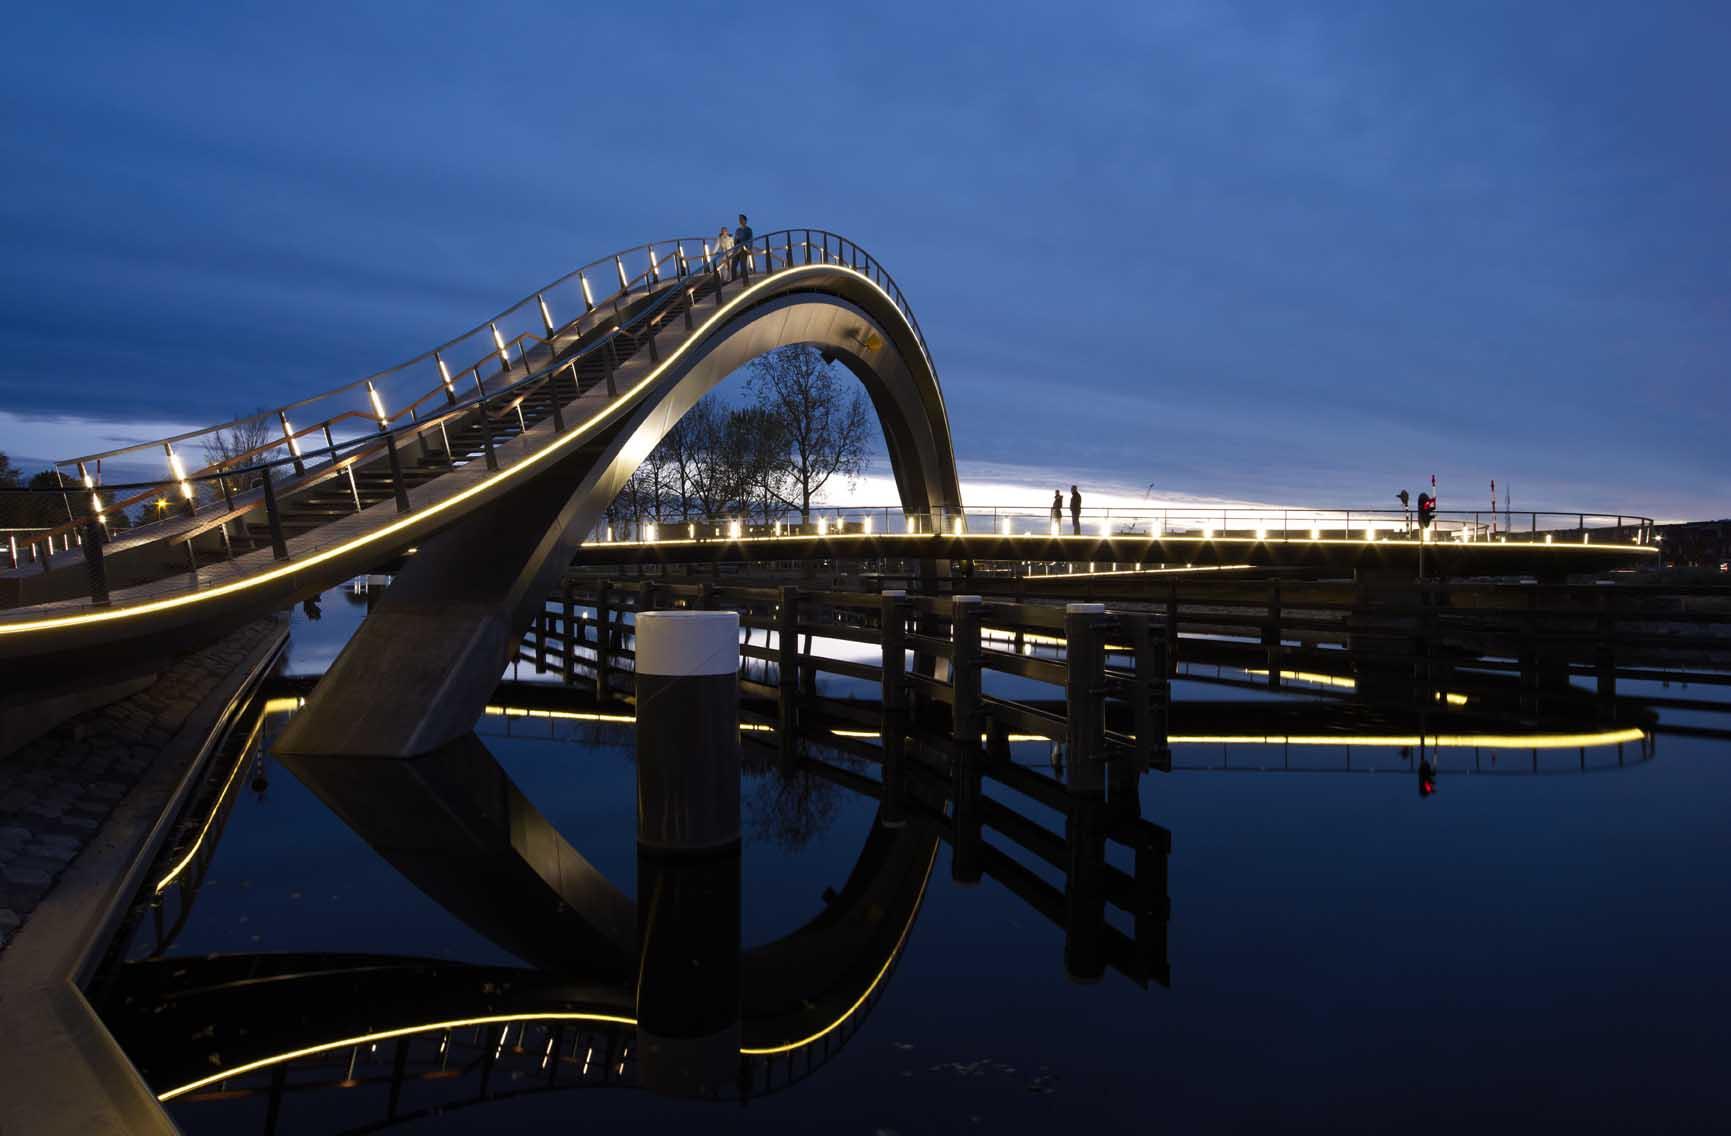 MELKWEGBRUG, Next Architects, Purmerand, The Netherlands. Photo Courtesy of Museum of Design Atlanta